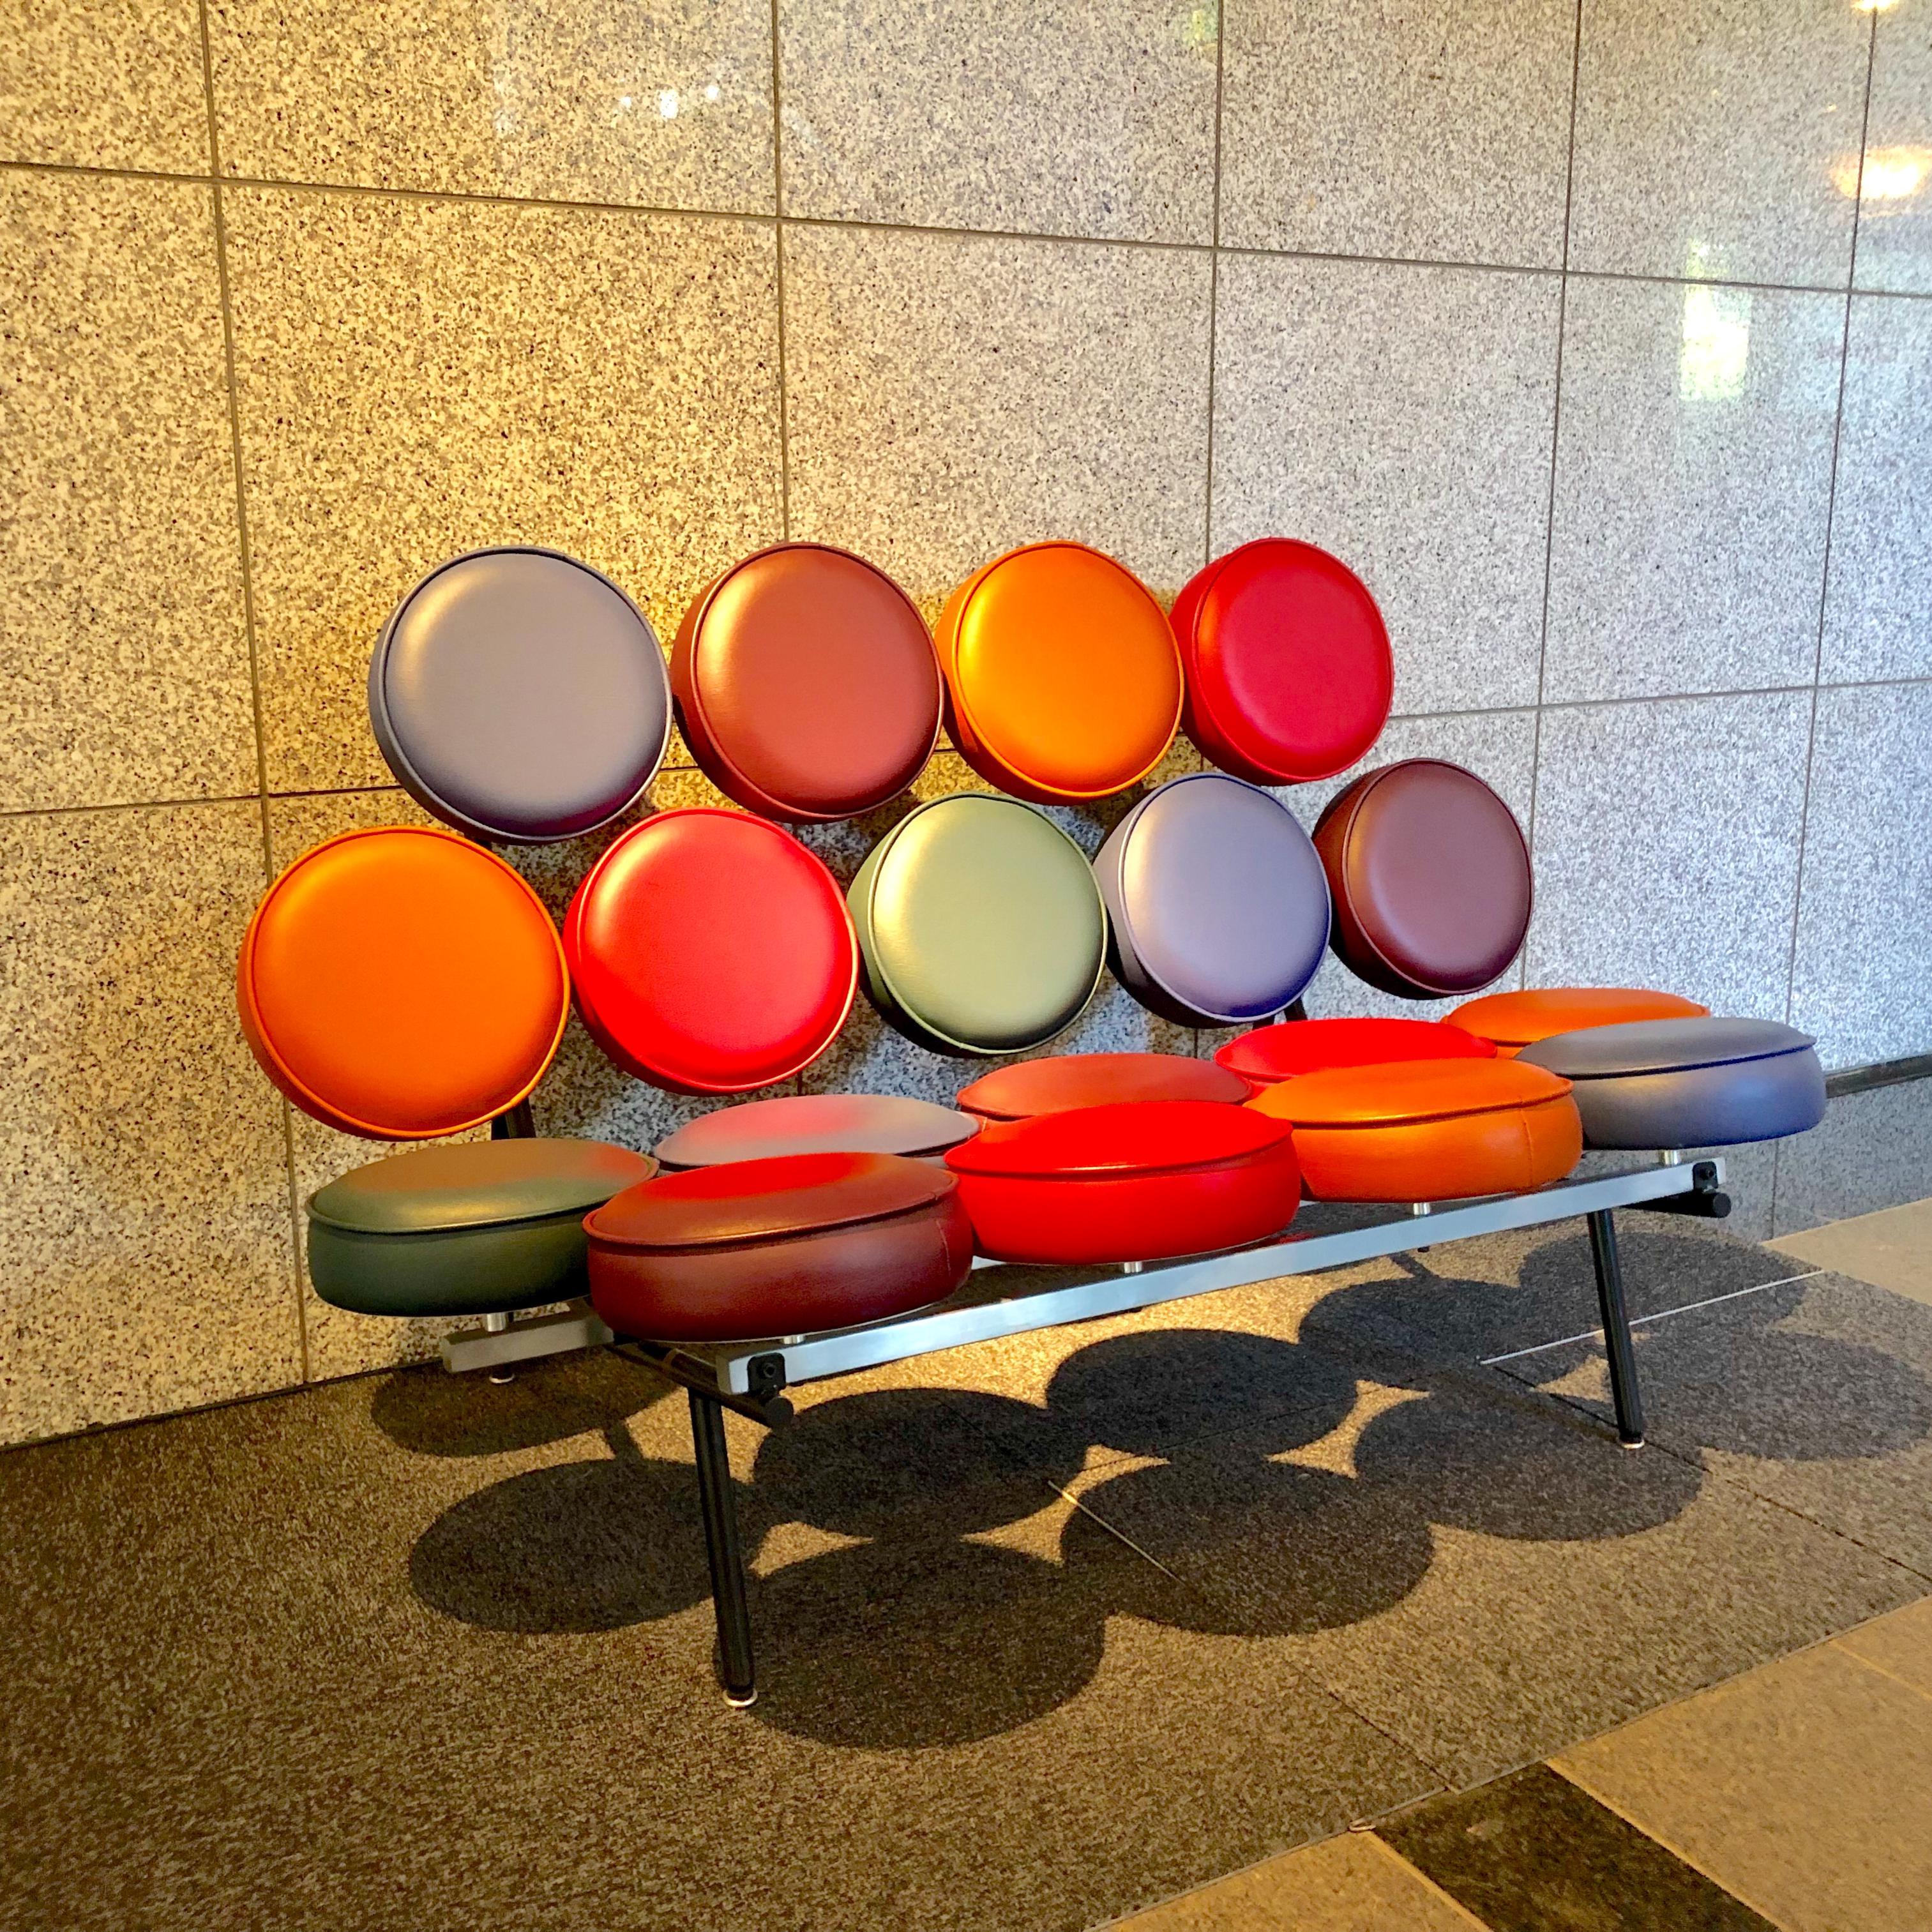 埼玉県立近代美術館は無料コーナーが面白い!北浦和公園と合わせて楽しもう